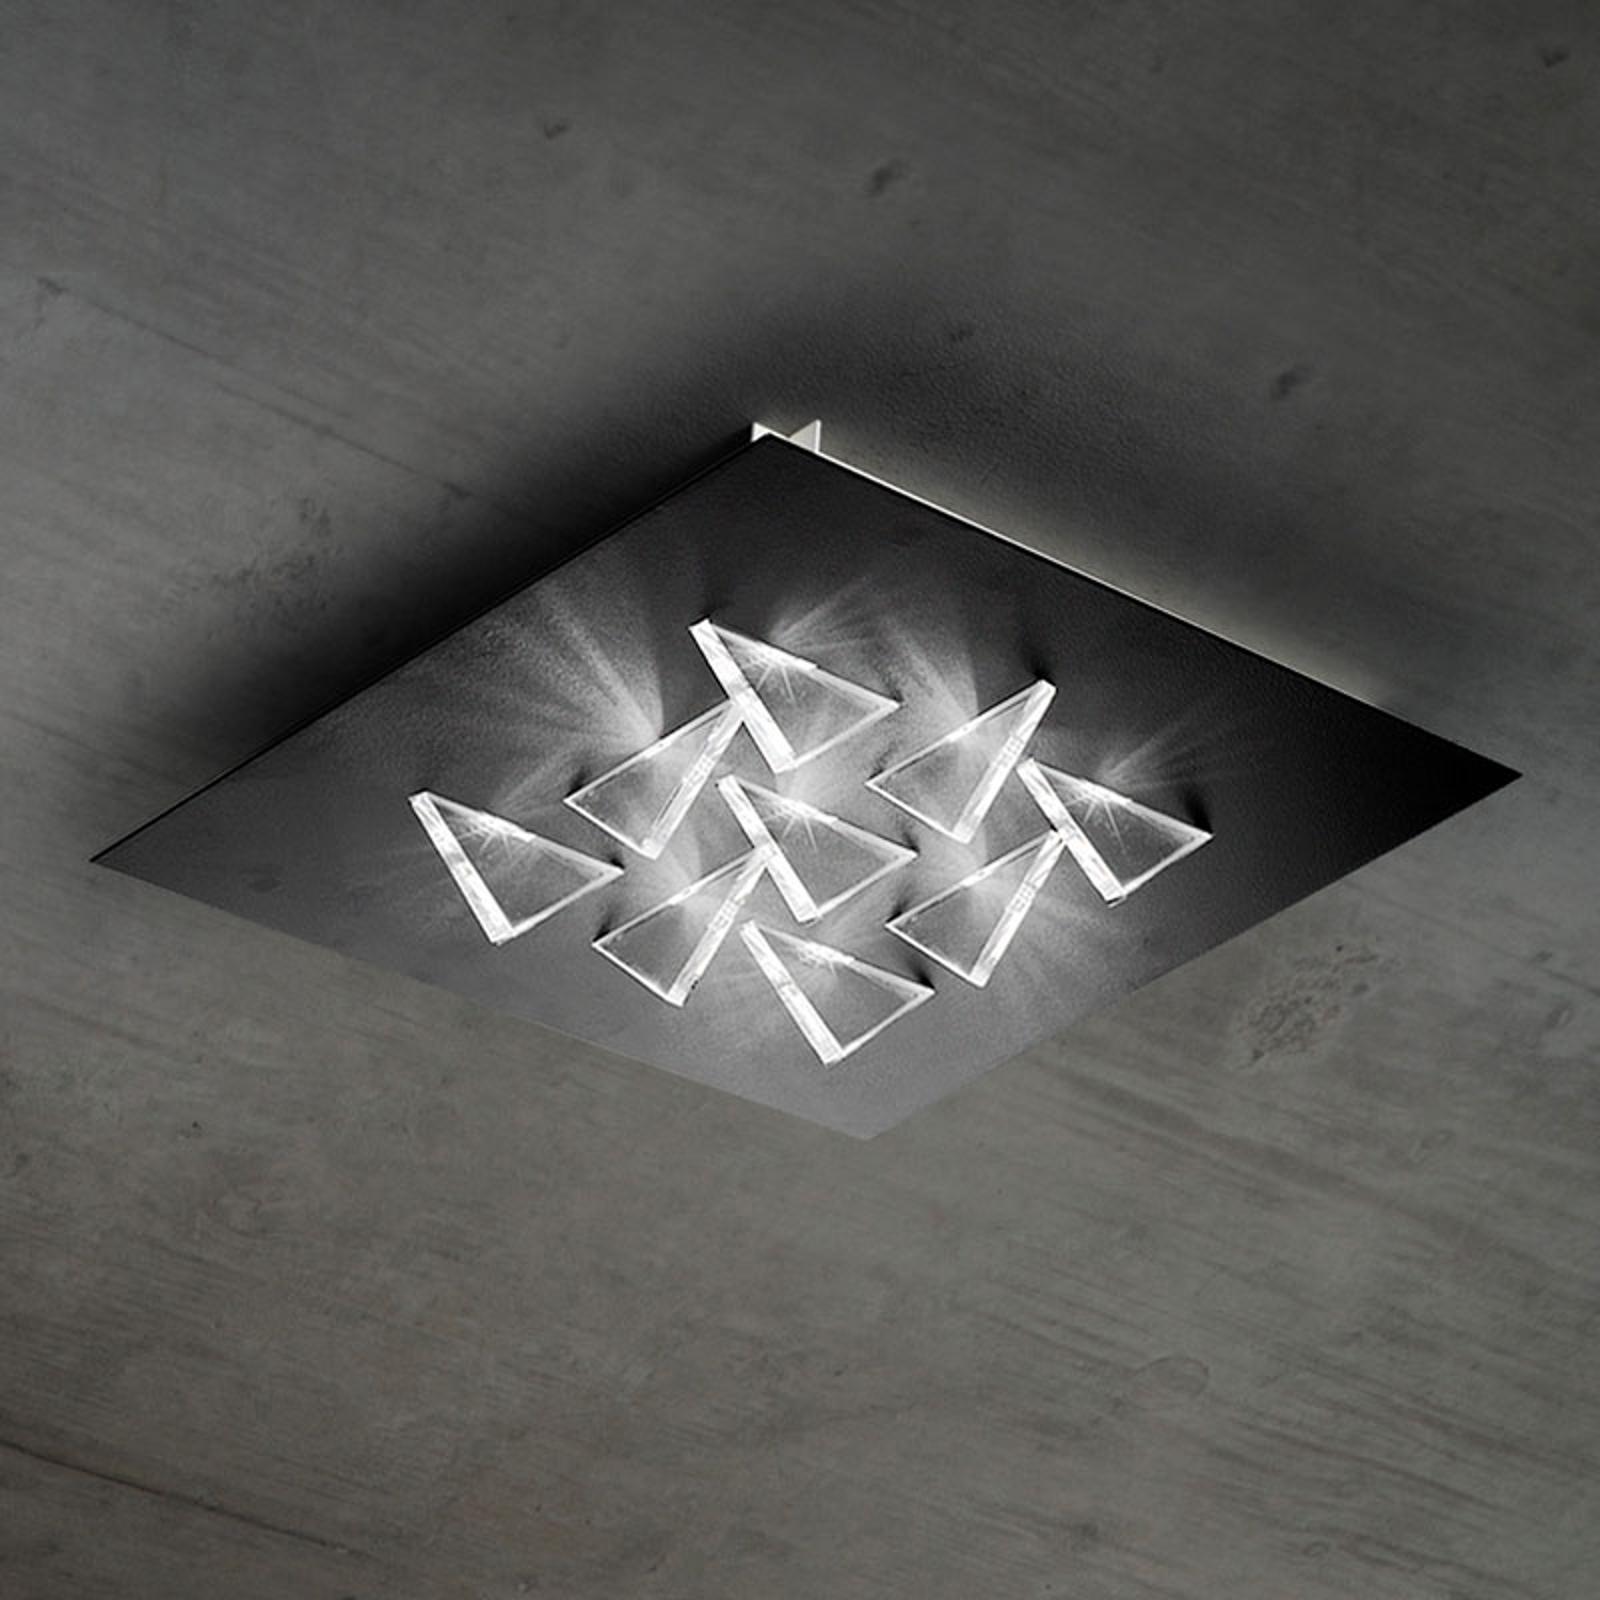 Effektfull LED-taklampe Cristalli, svart